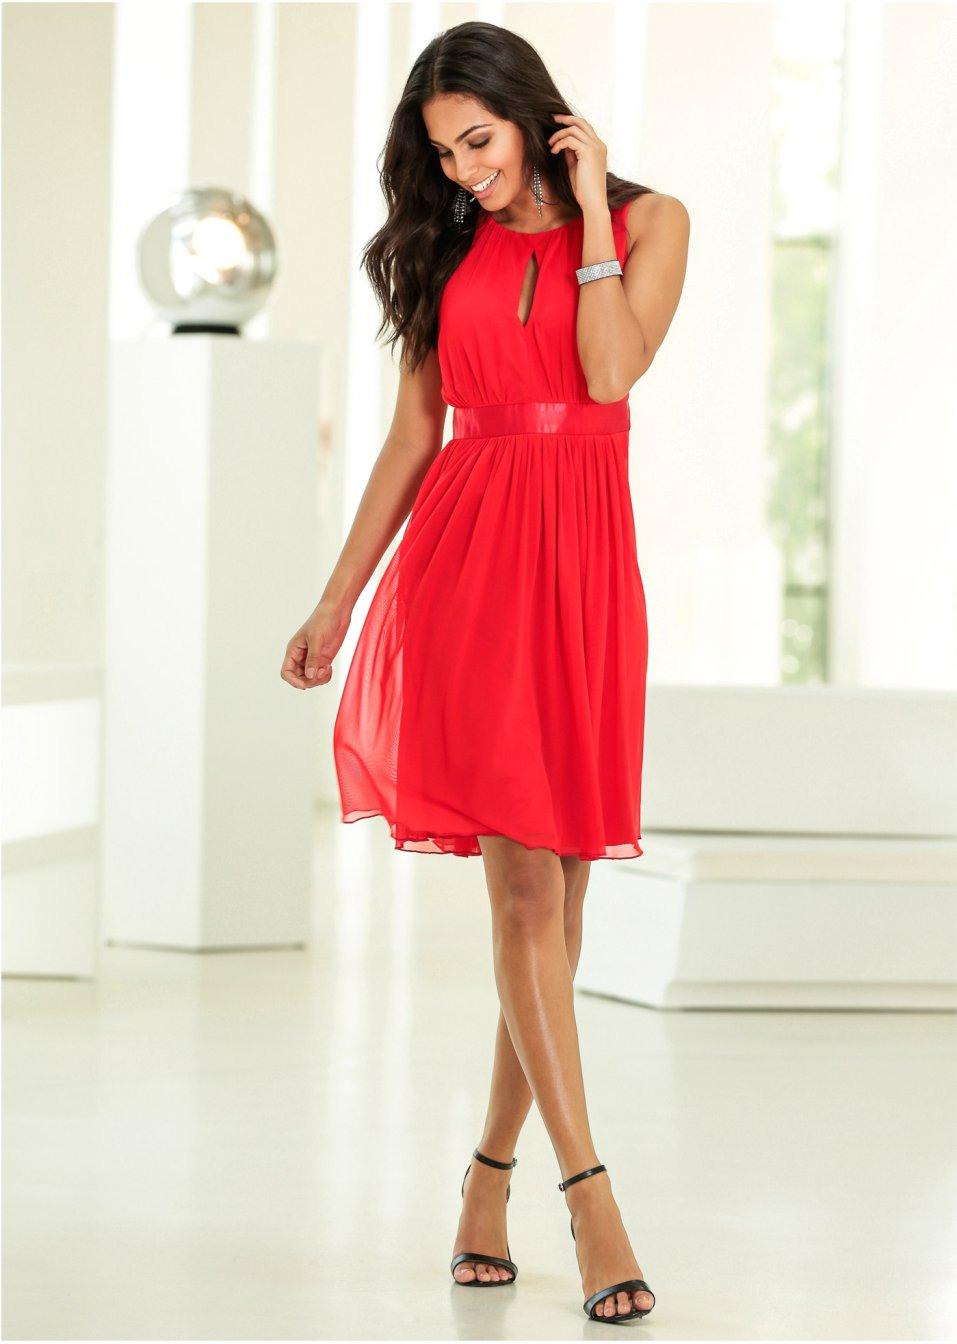 Formal Erstaunlich Elegante Damen Kleider Wadenlang Design10 Coolste Elegante Damen Kleider Wadenlang Galerie